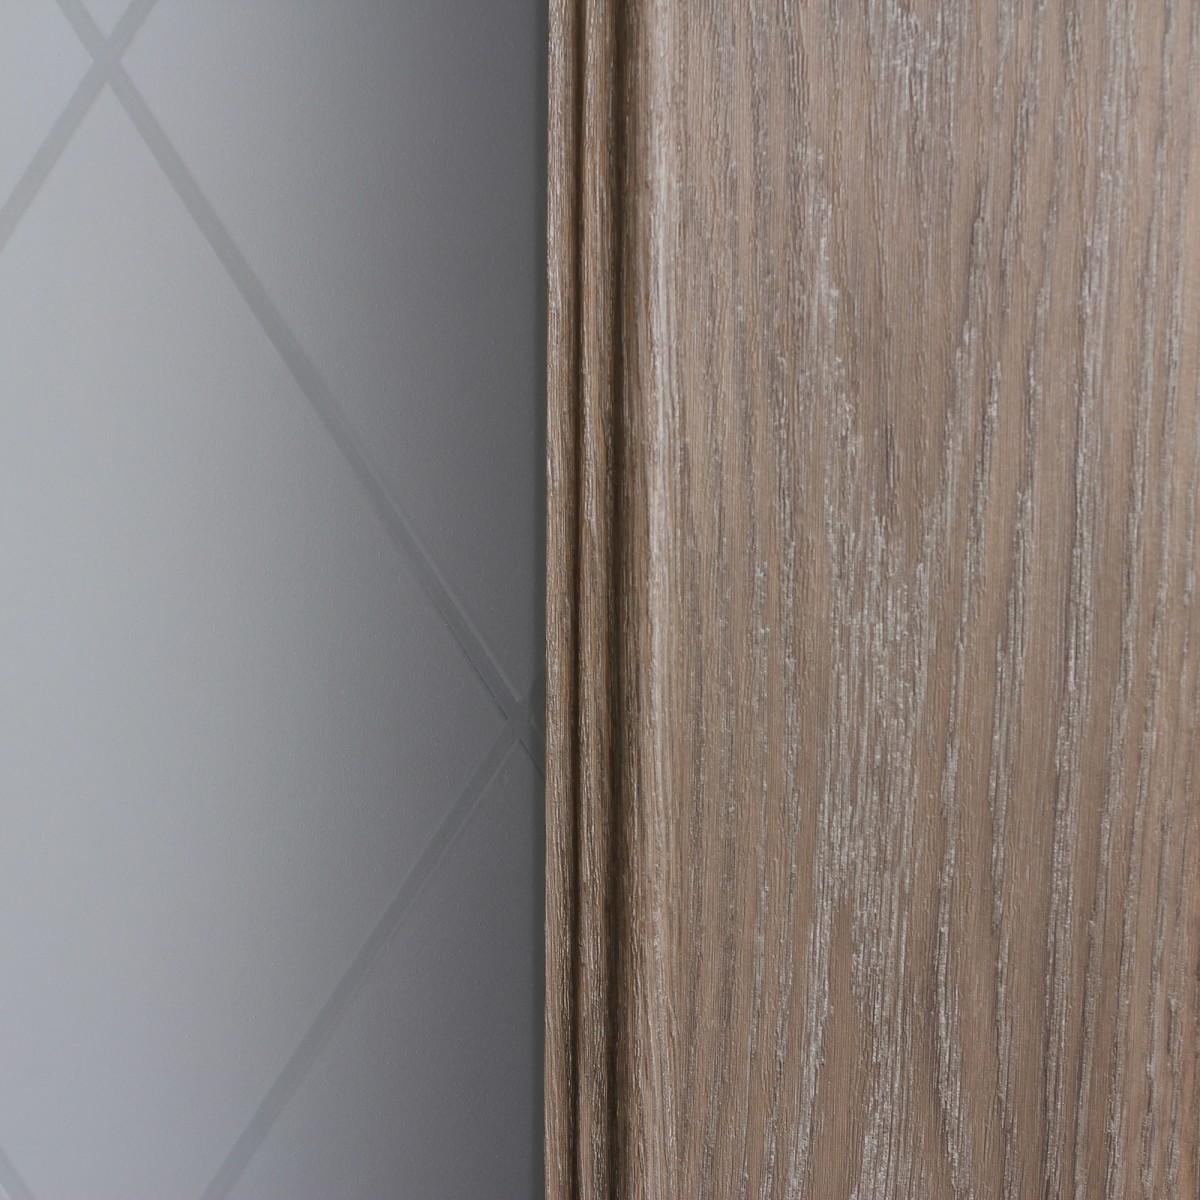 Дверь Межкомнатная Остеклённая Престиж 80x200 Цвет Натуральный Дуб